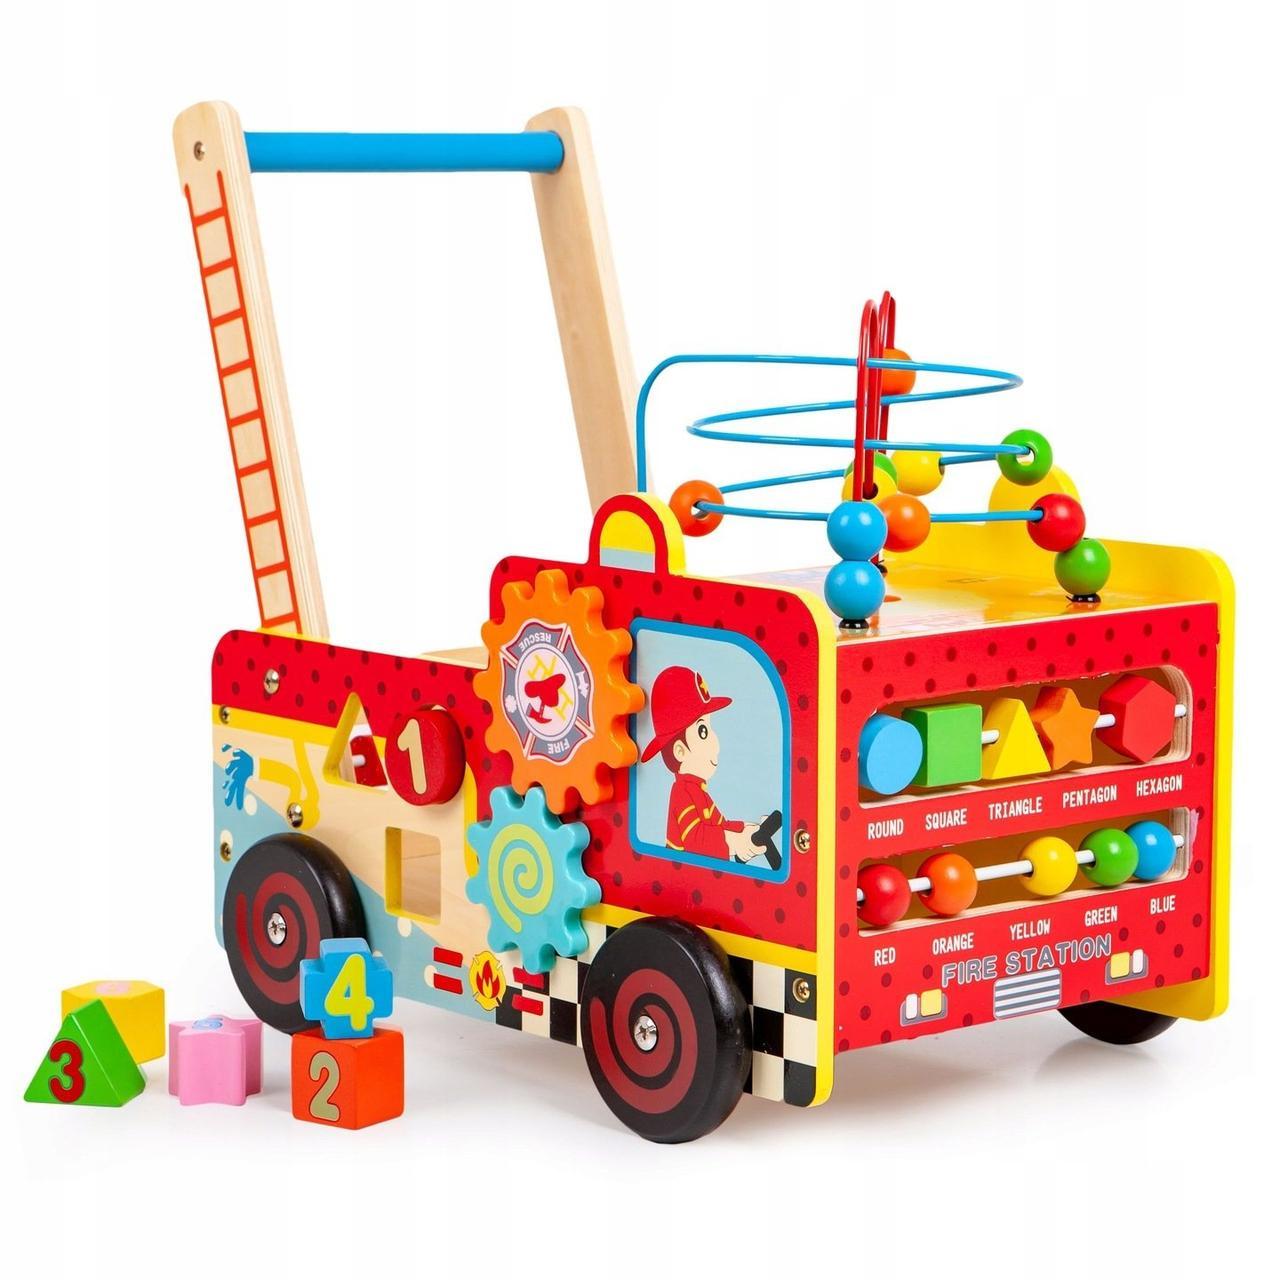 Деревянные развивающие ходунки каталка для детей Пожарный автомобиль EcoToys